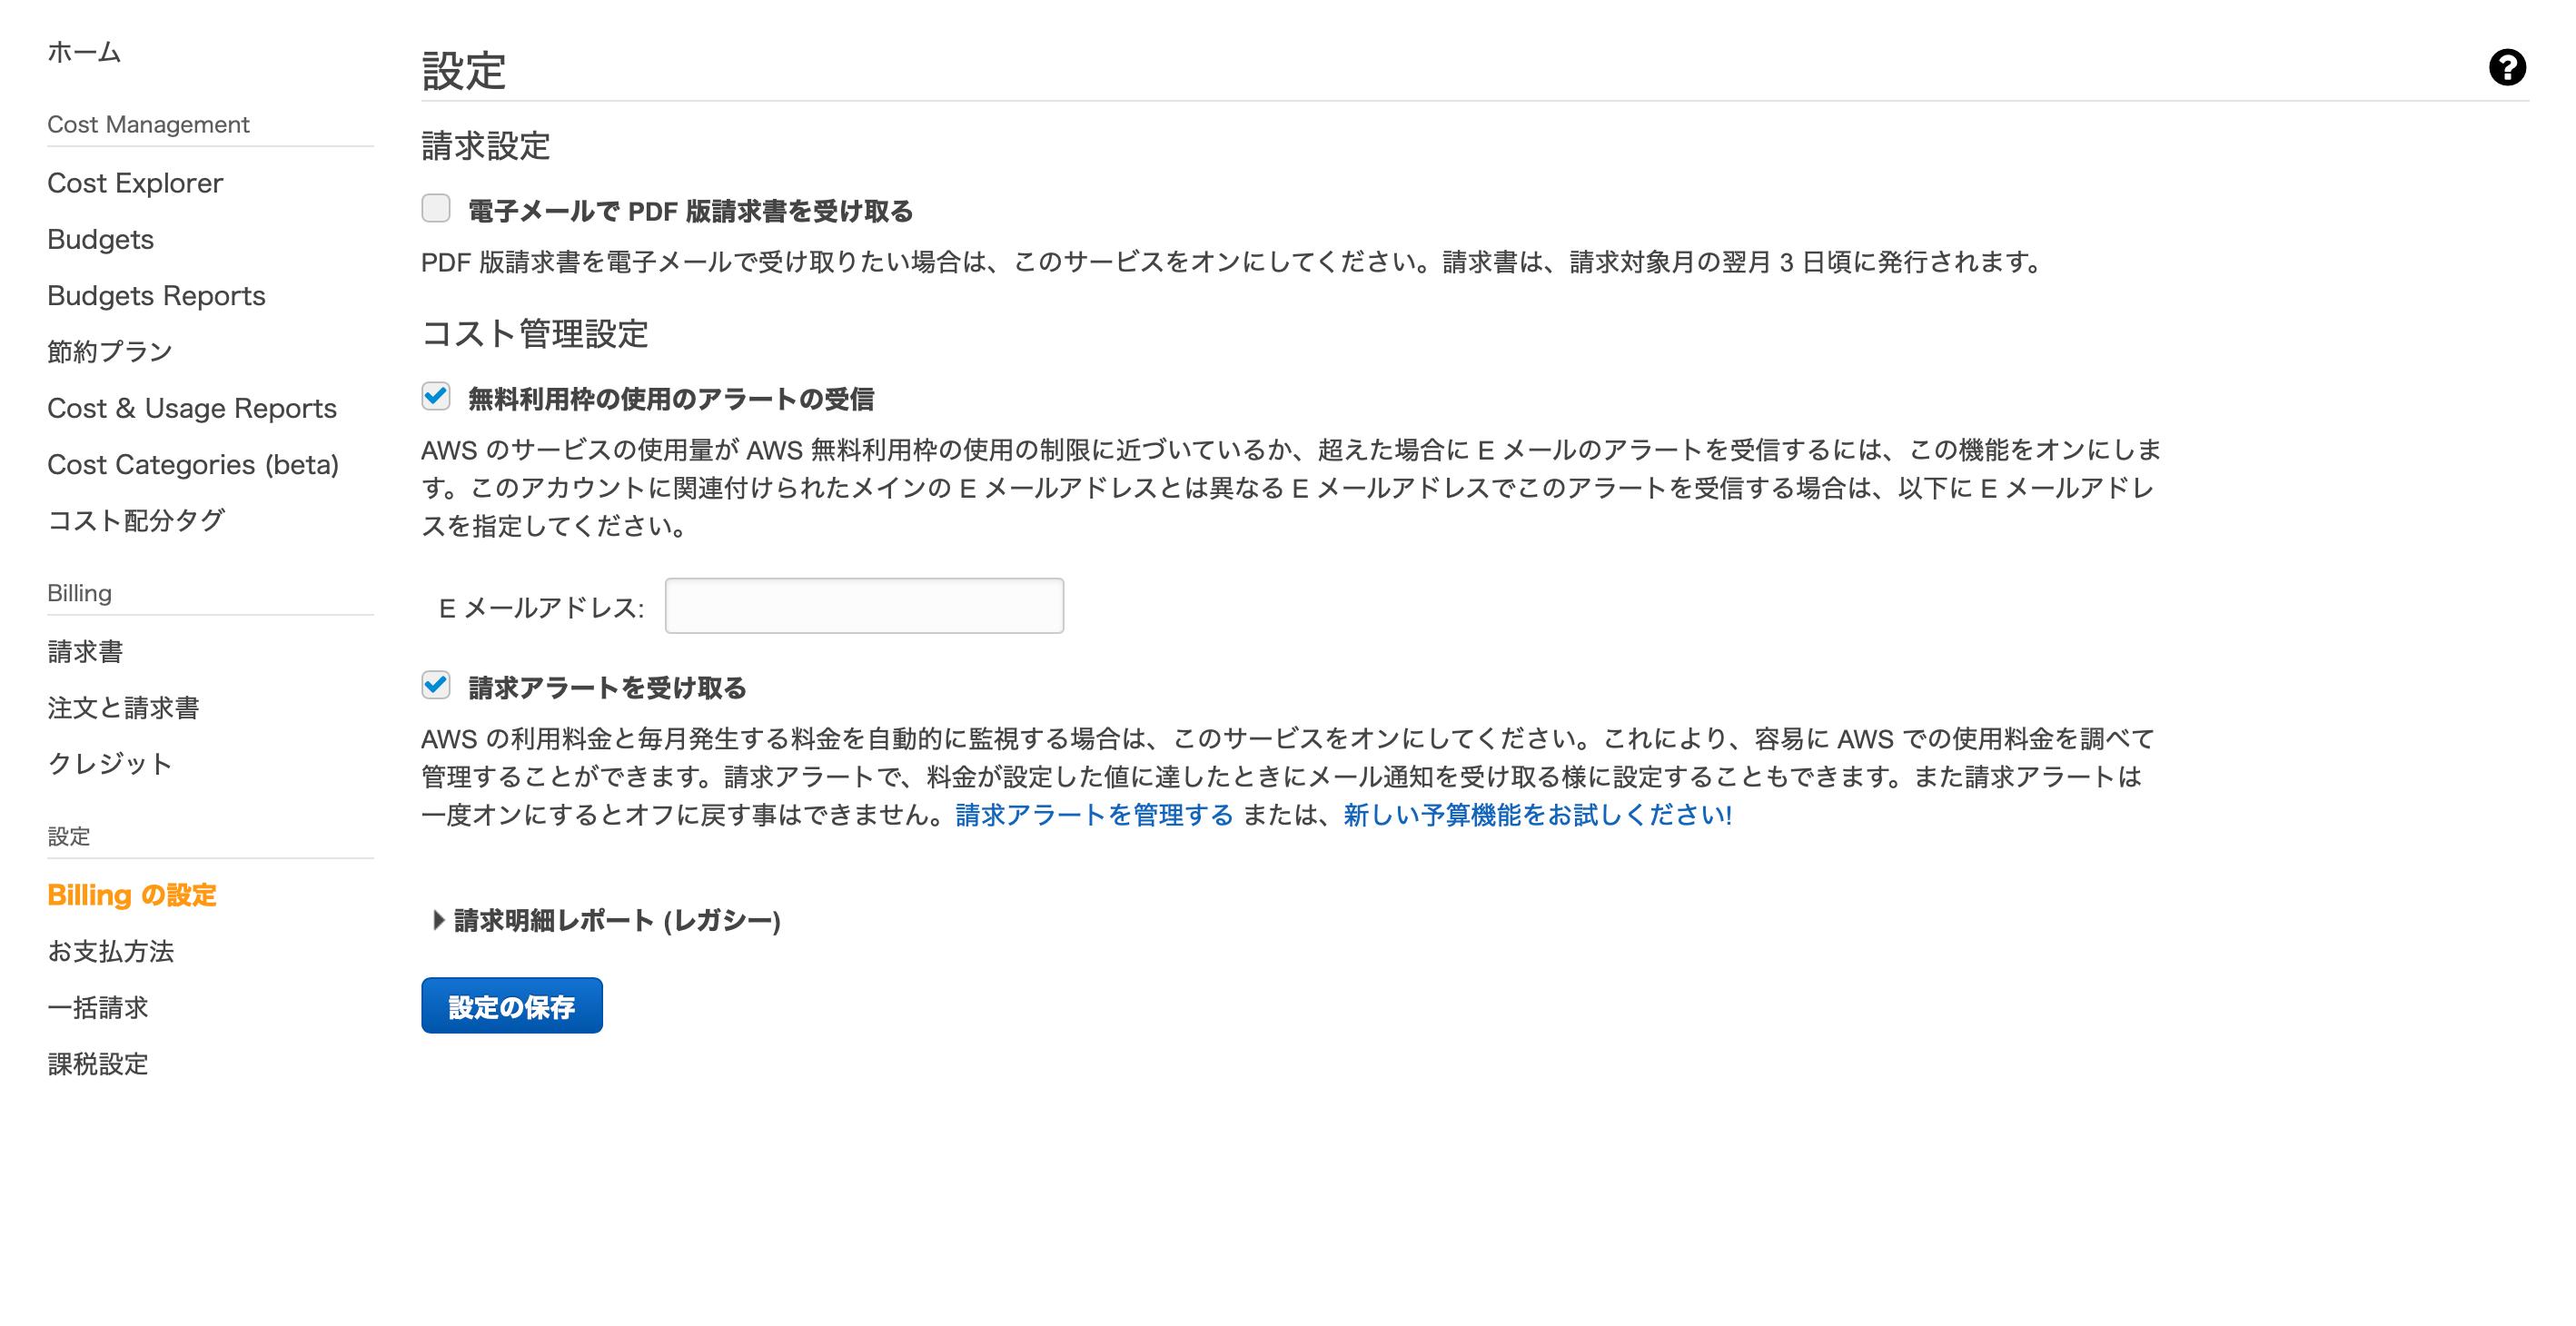 スクリーンショット 2020-01-17 11.22.50.png